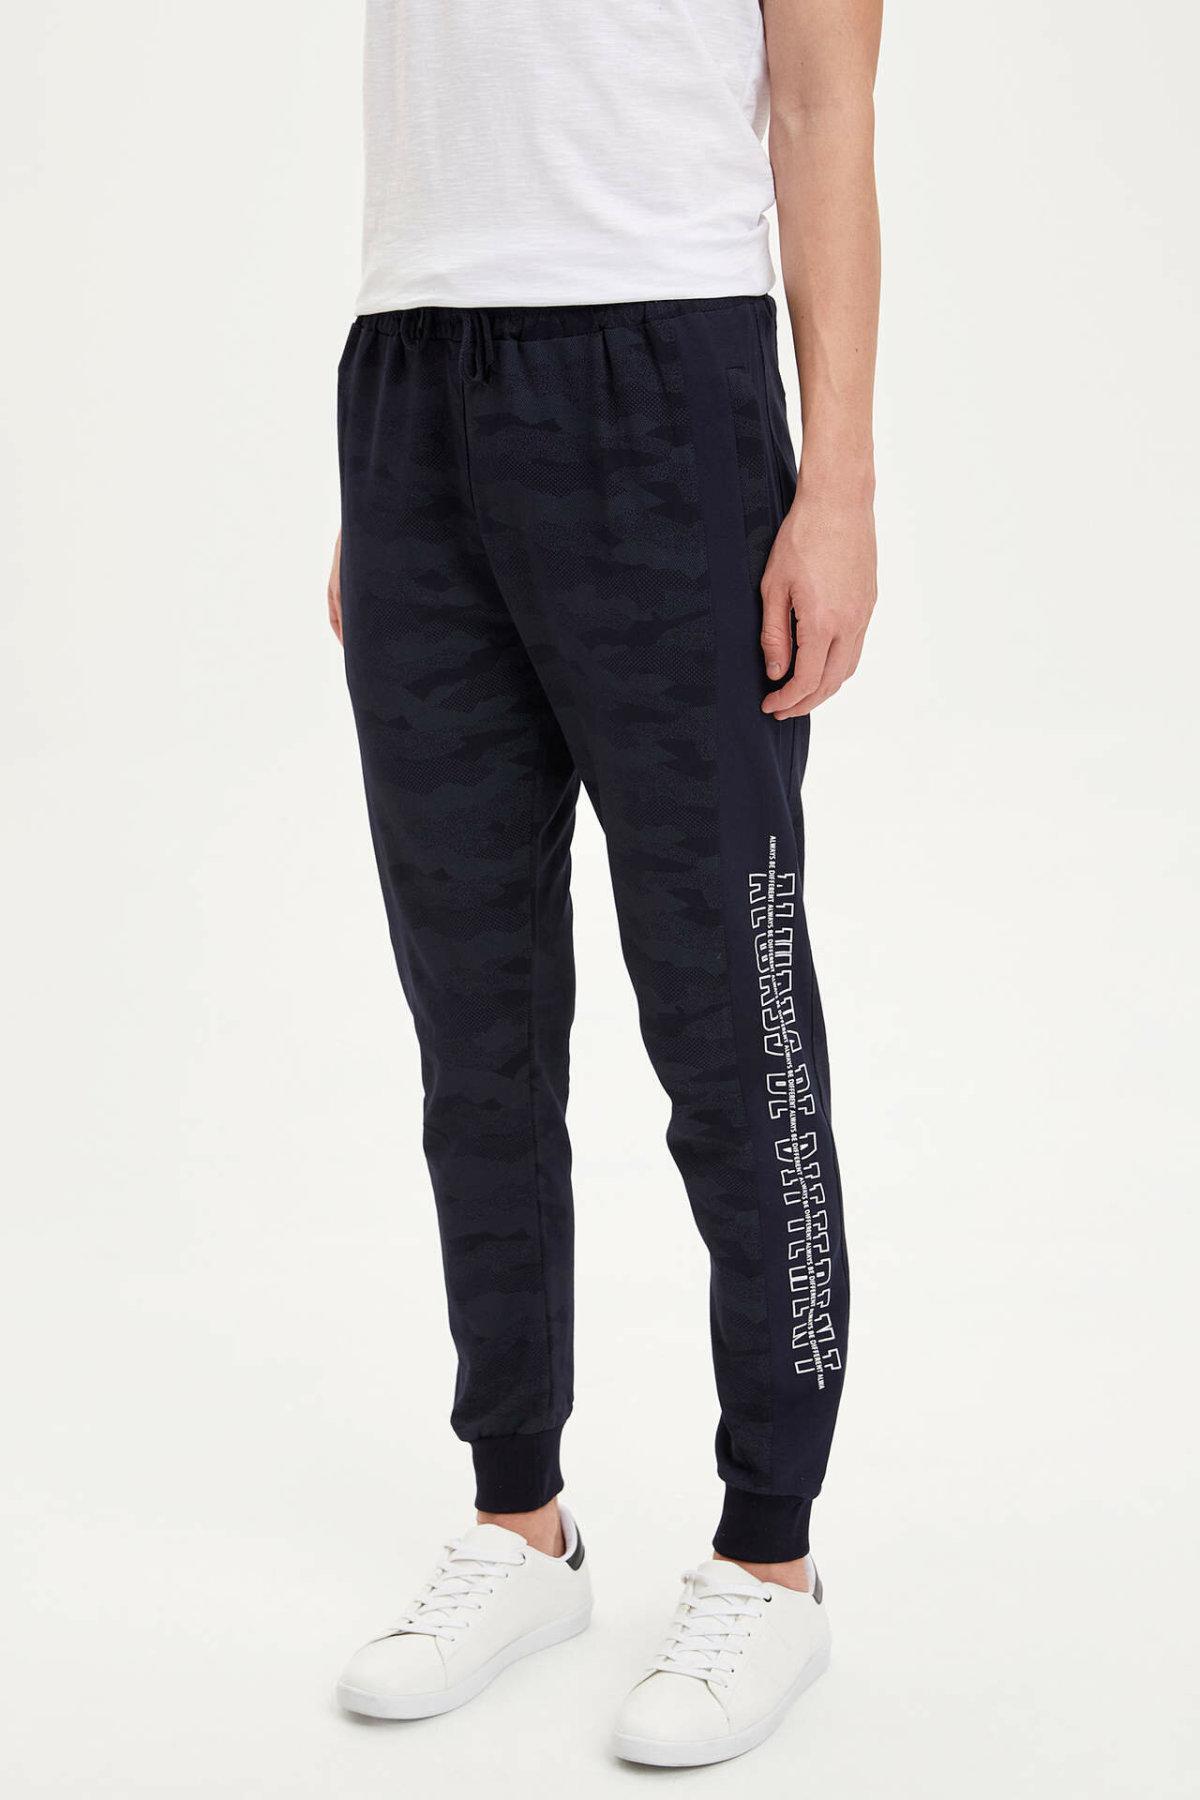 DeFacto Man Autumn Dark Color Long Pants Men Casual Adjustable Pant Men Letter Prints Bottoms Trousers-N0142AZ19AU